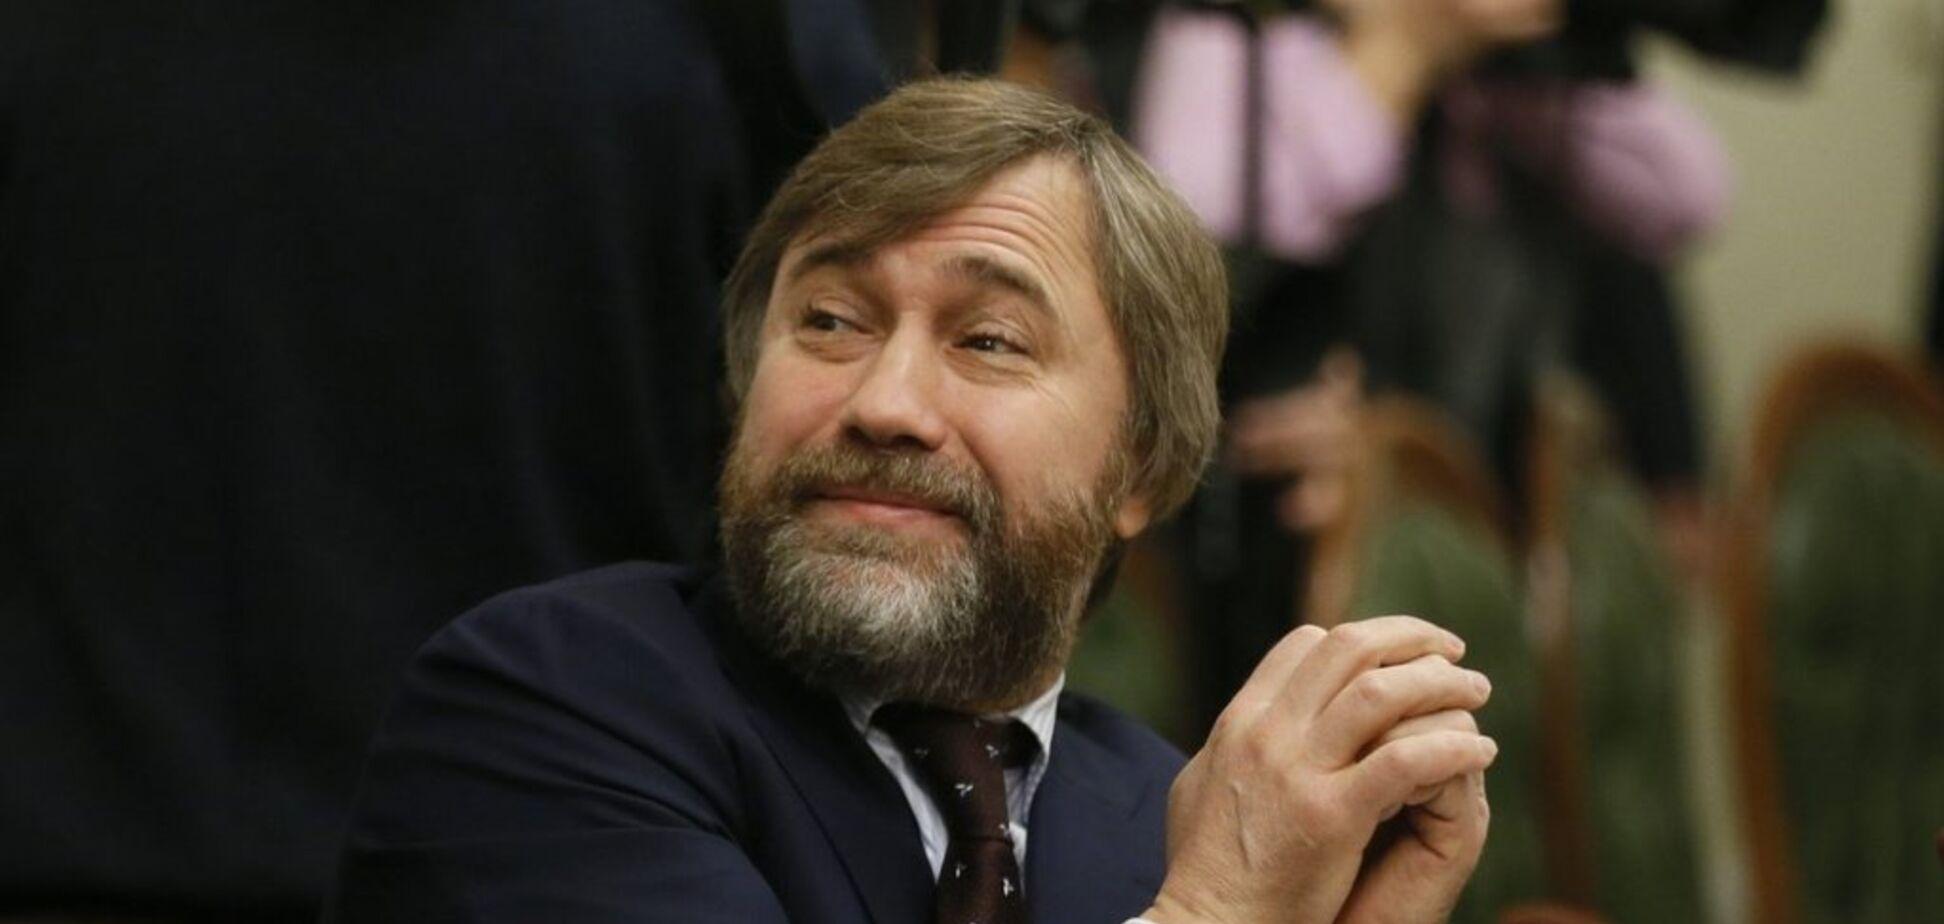 ГПУ закрыла дело в отношении Новинского: у Луценко ответили